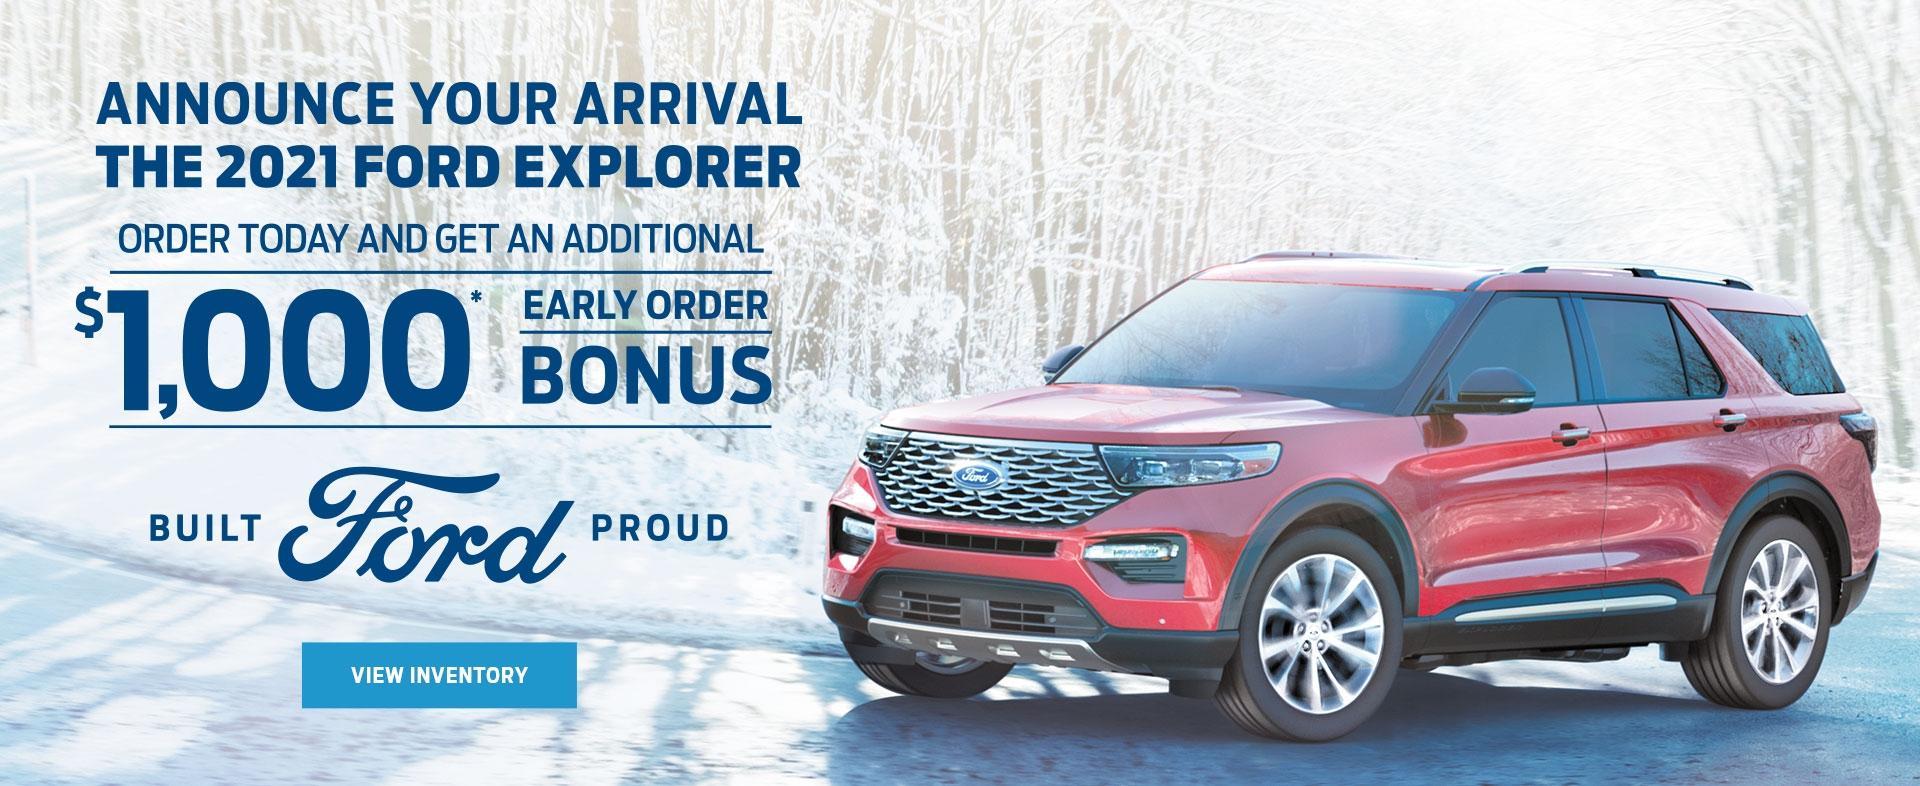 2021 Ford Explorer Pre-Order | McDonnell Motors